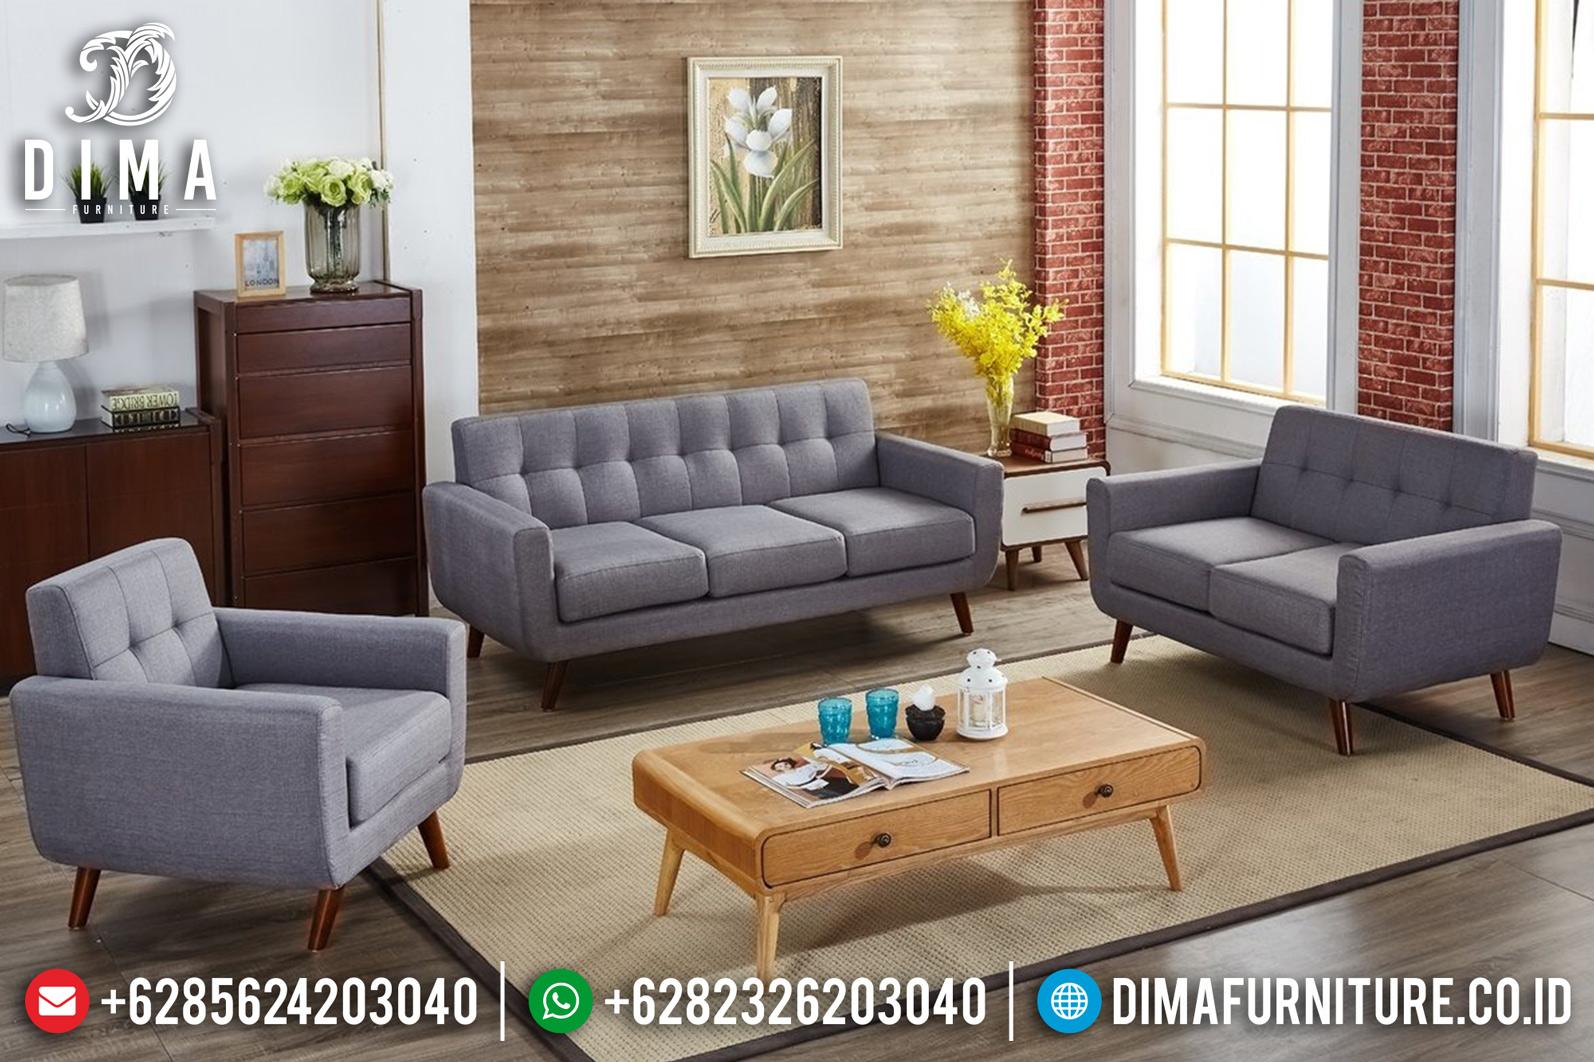 Sofa Tamu Jepara Minimalis Terbaru Vintage Retro Style DF-0872